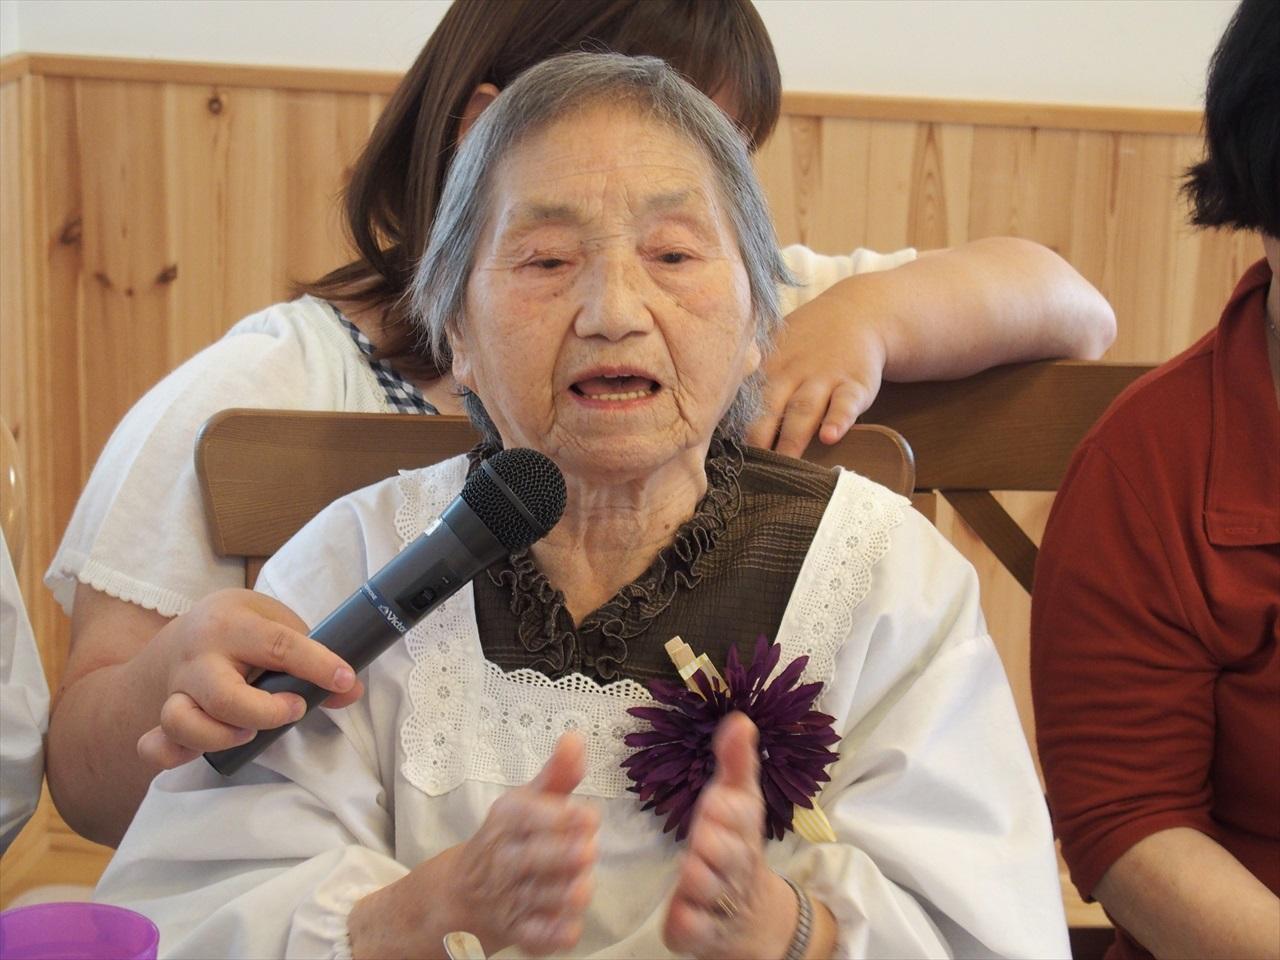 震災以降とてもお世話になった宮城県大崎市の在宅緩和ケアクリニック、穂波の郷クリニックの患者さんでもあるし、他の患者さんの悩みの相談に応じるクリニックのスタッフでもある、高橋小菊さん。認知症が進み、90歳を超えて、記憶は5分も持ちませんが、「大国舞」は、フルコーラス歌えます。他に、持ち歌は無限。